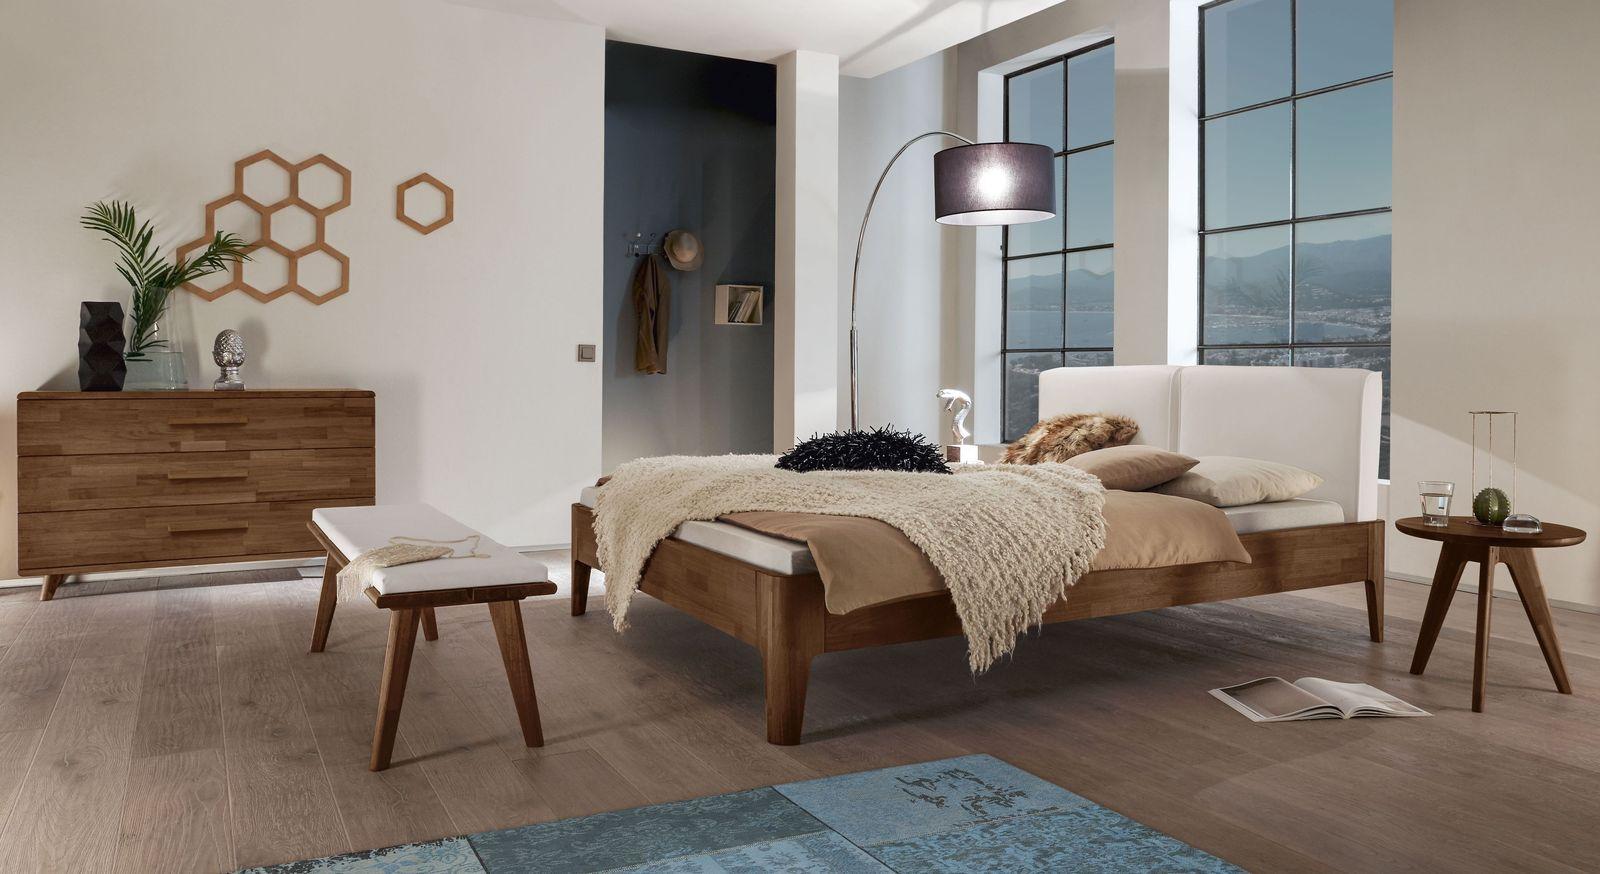 Hochwertiges Bett Gori mit passenden Schlafzimmermöbeln